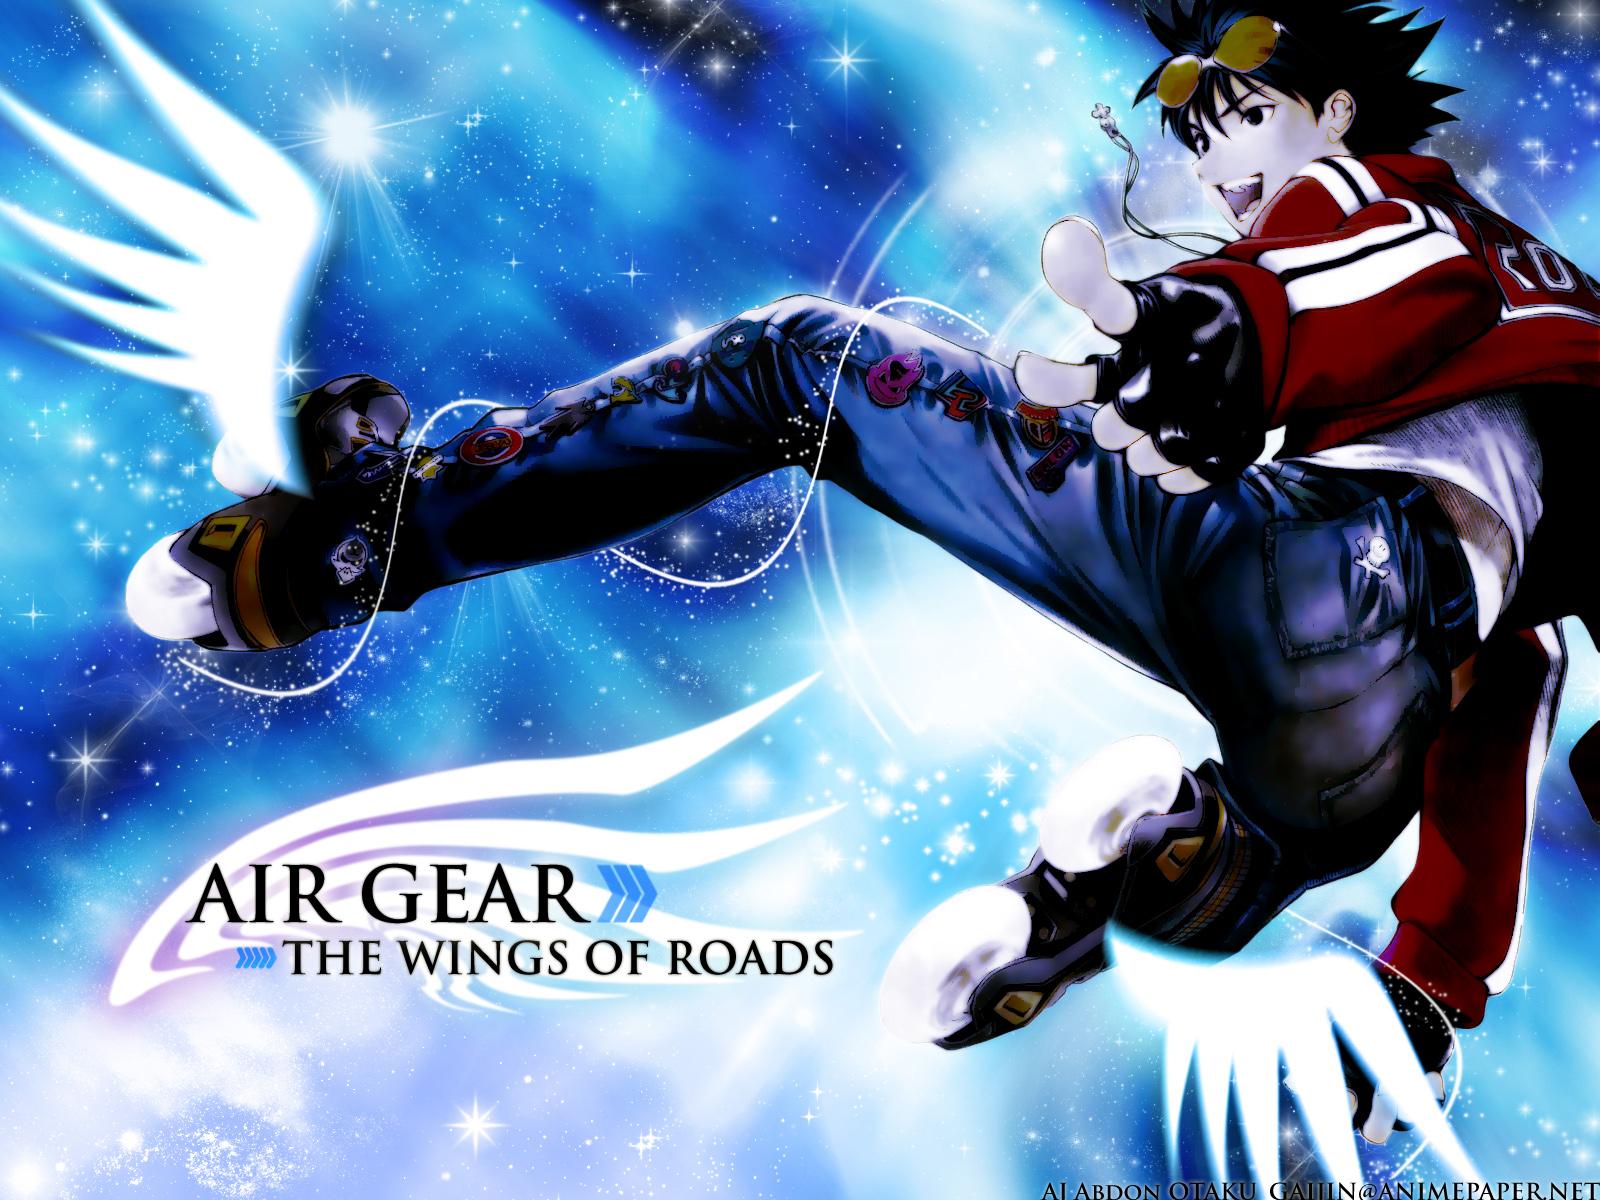 Air Gear (Dublado) – Todos os Episódios